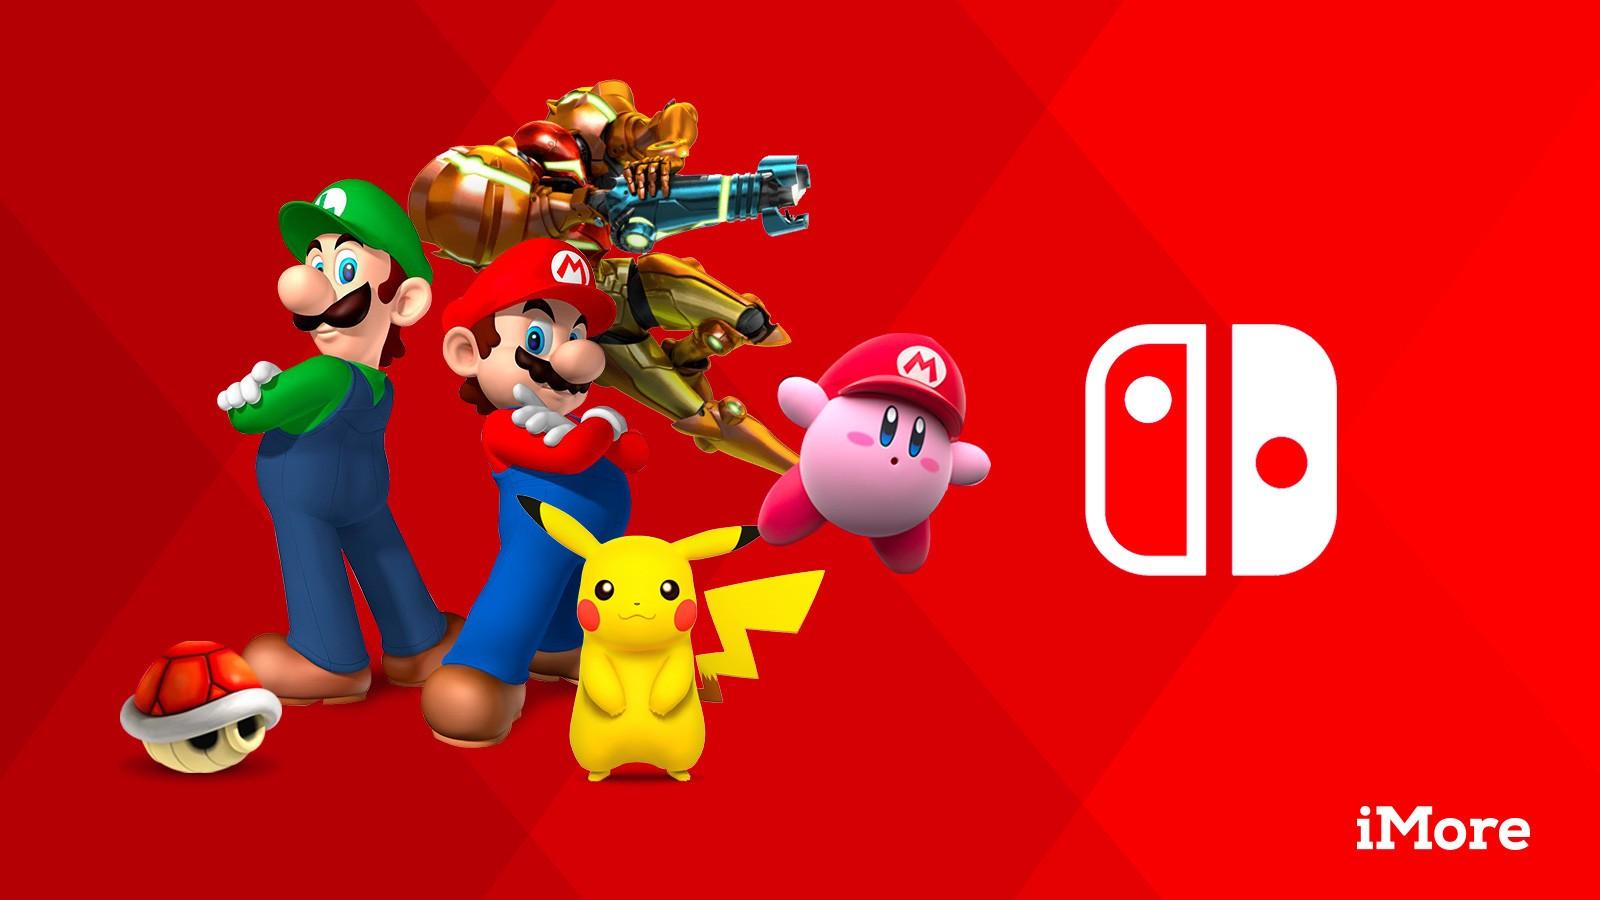 Nintendo Switch Wallpaper - Nintendo Switch Wallpaper Games - HD Wallpaper